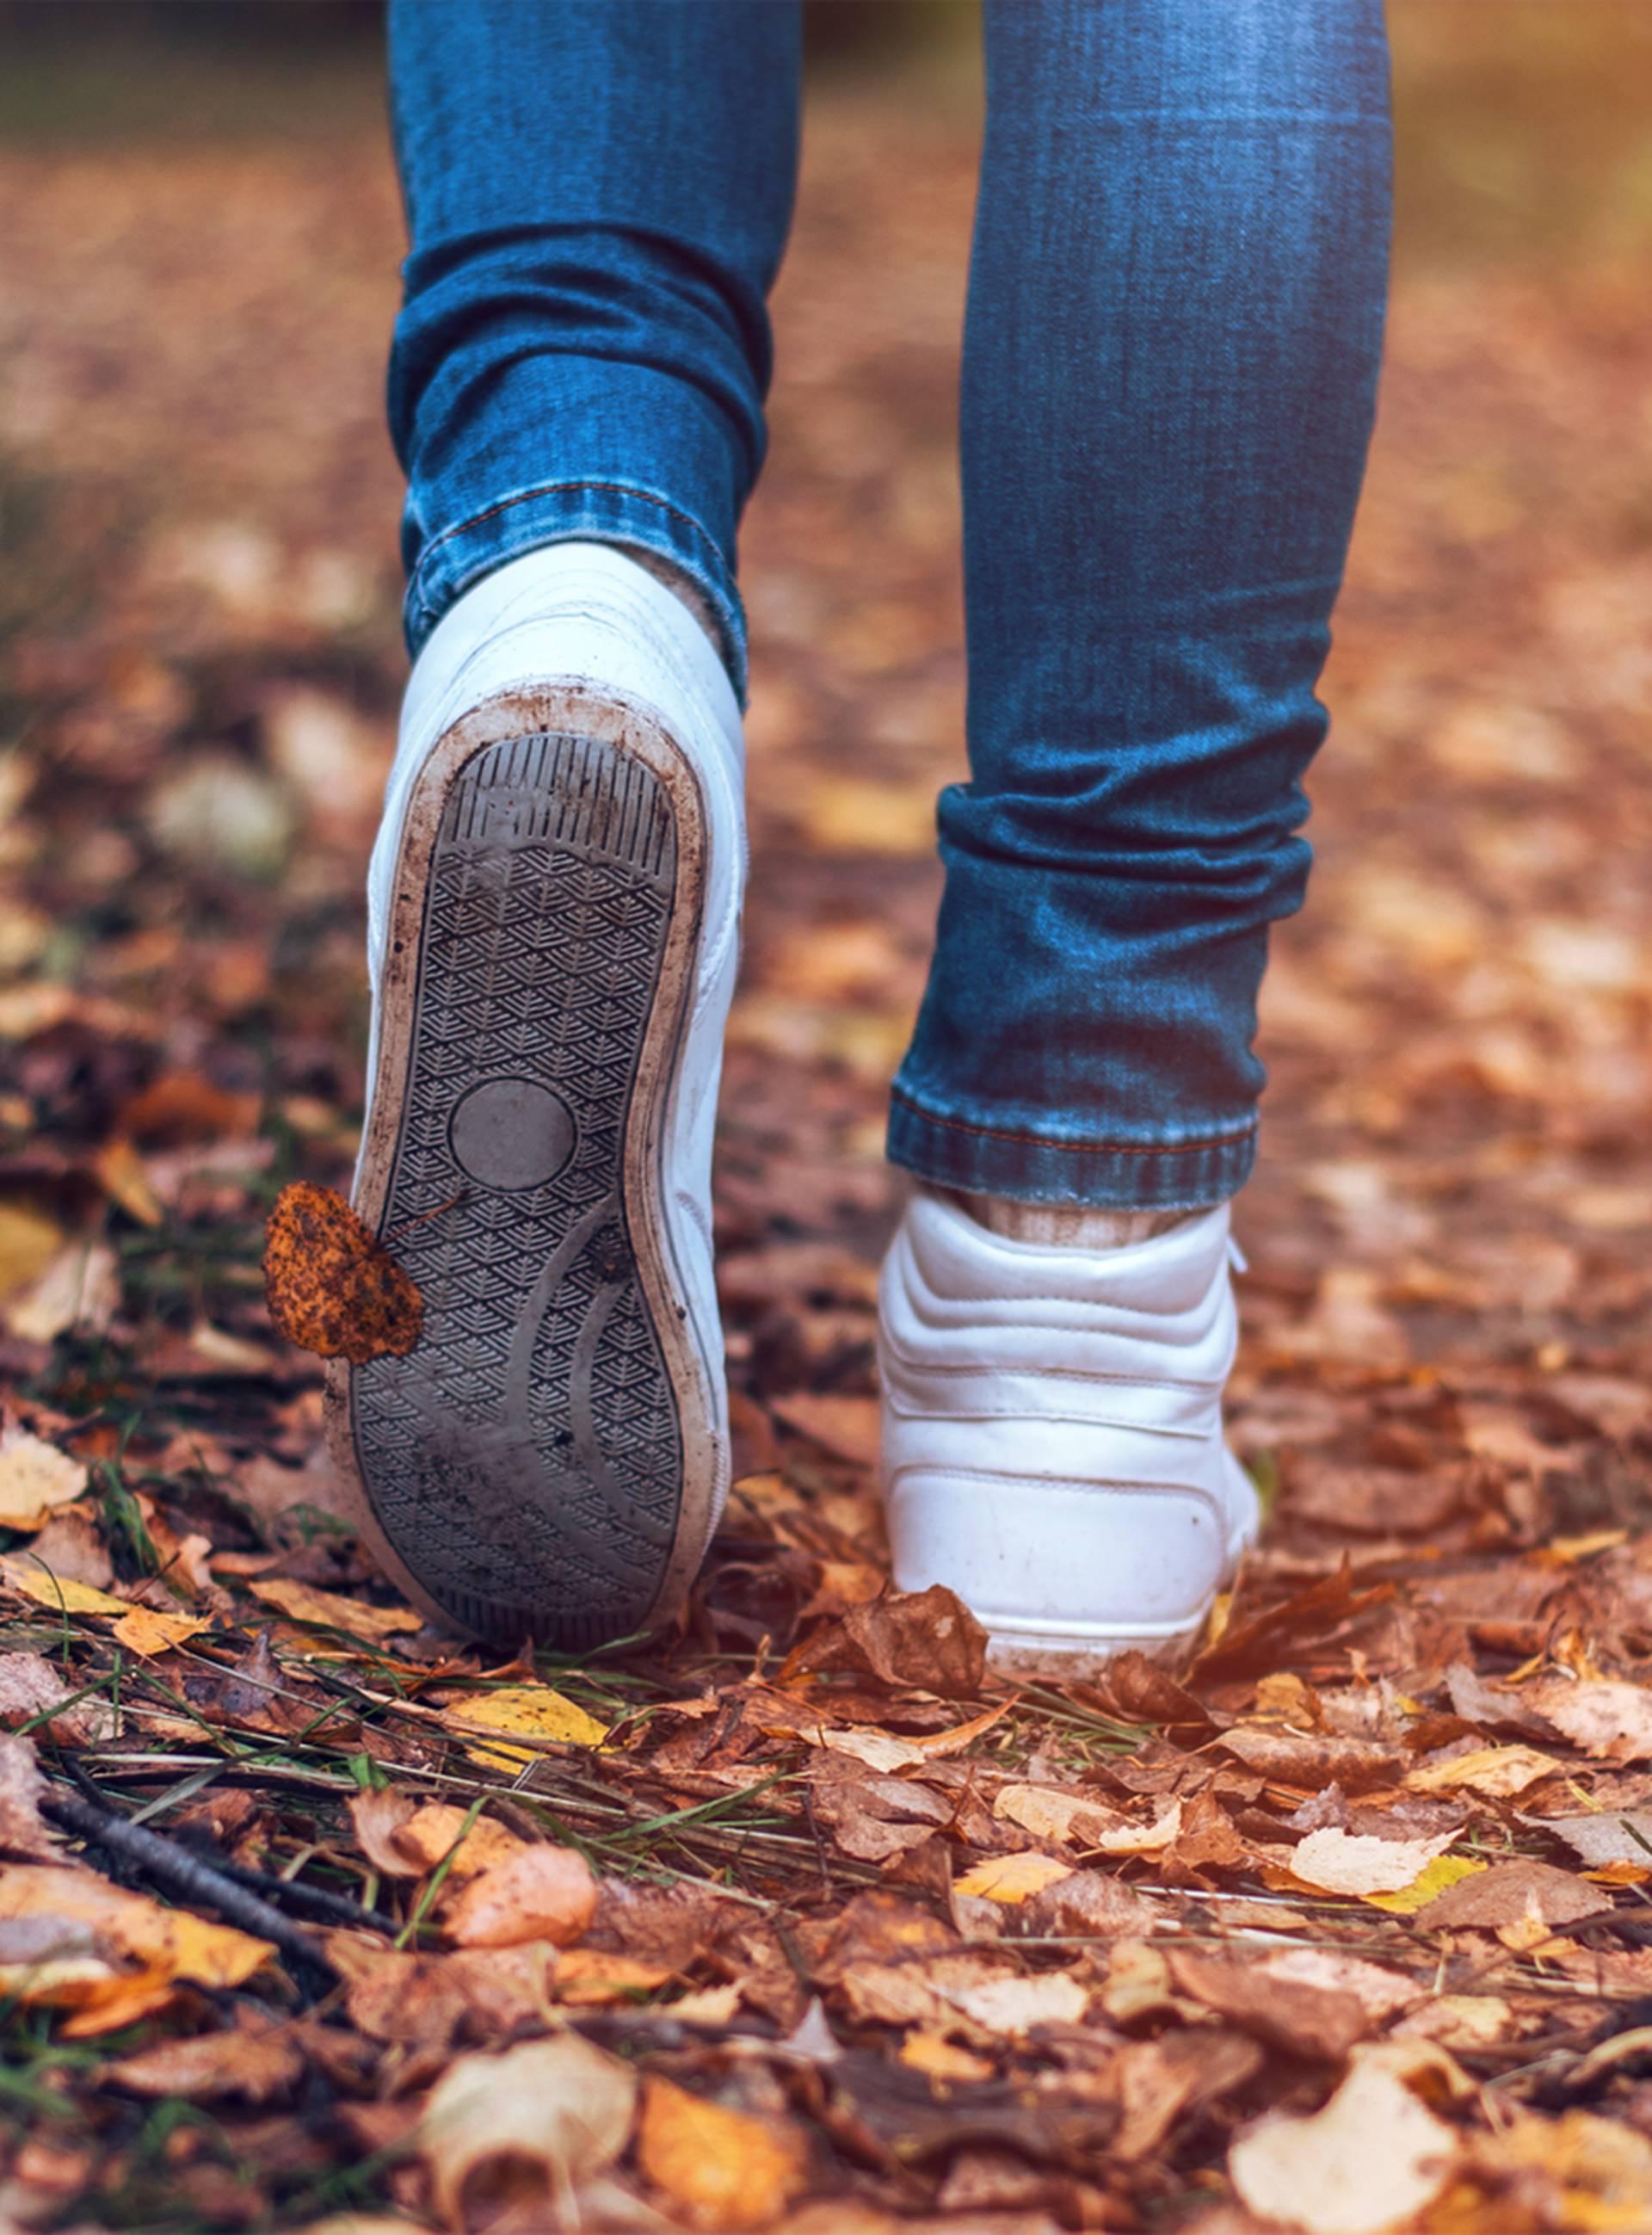 Samo 15 minuta šetnje dnevno može potaknuti rast ekonomije